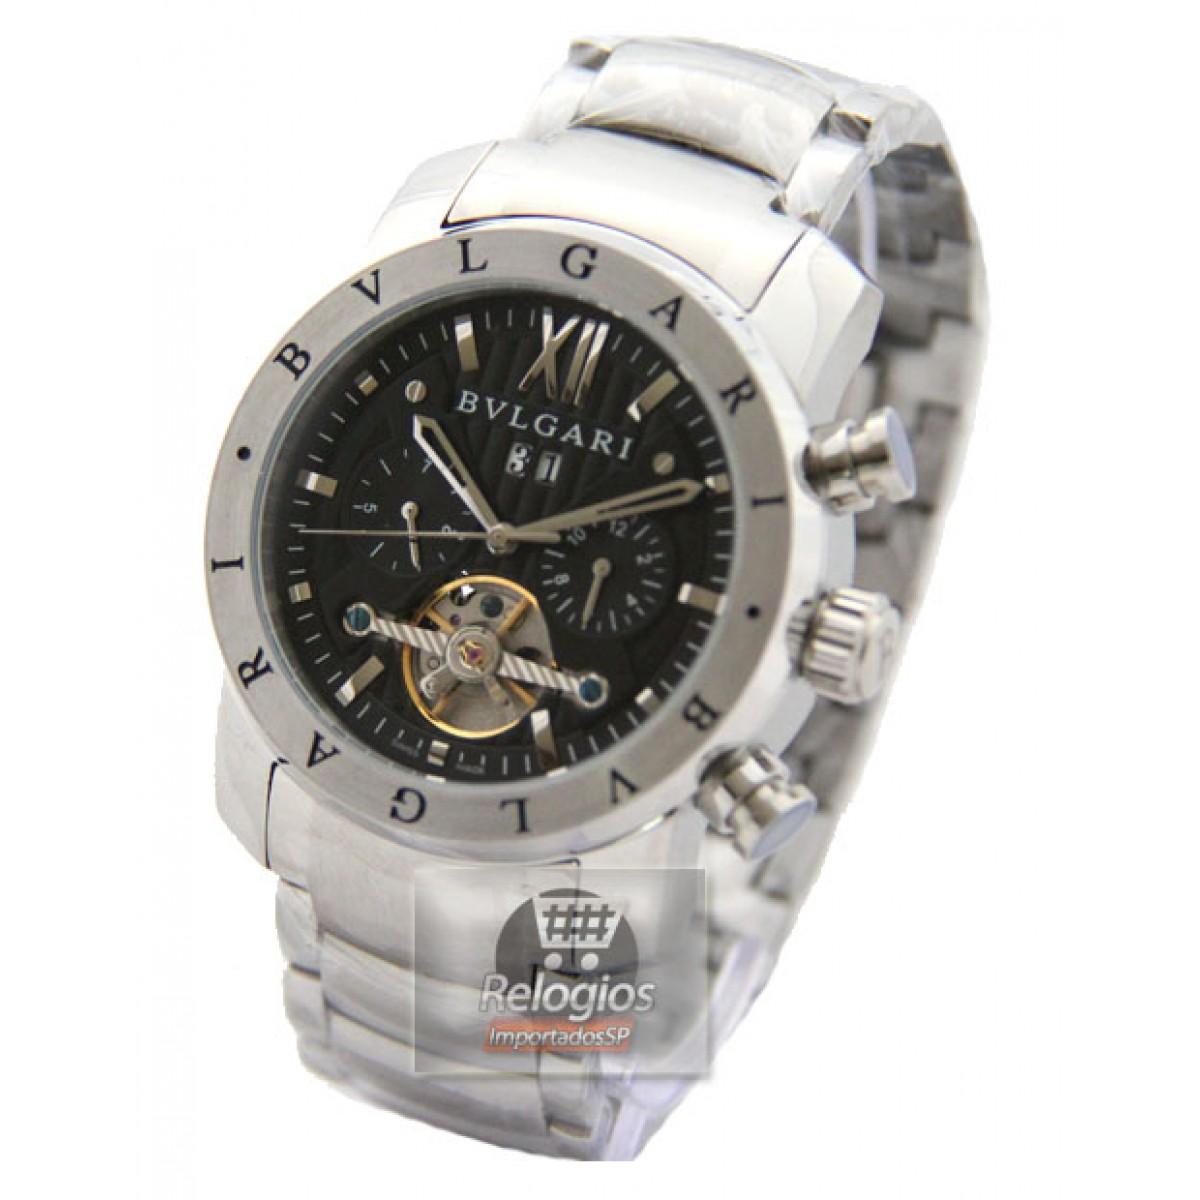 830e76799c3 Relógio Réplica Bulgari Homem de Ferro Prata Black